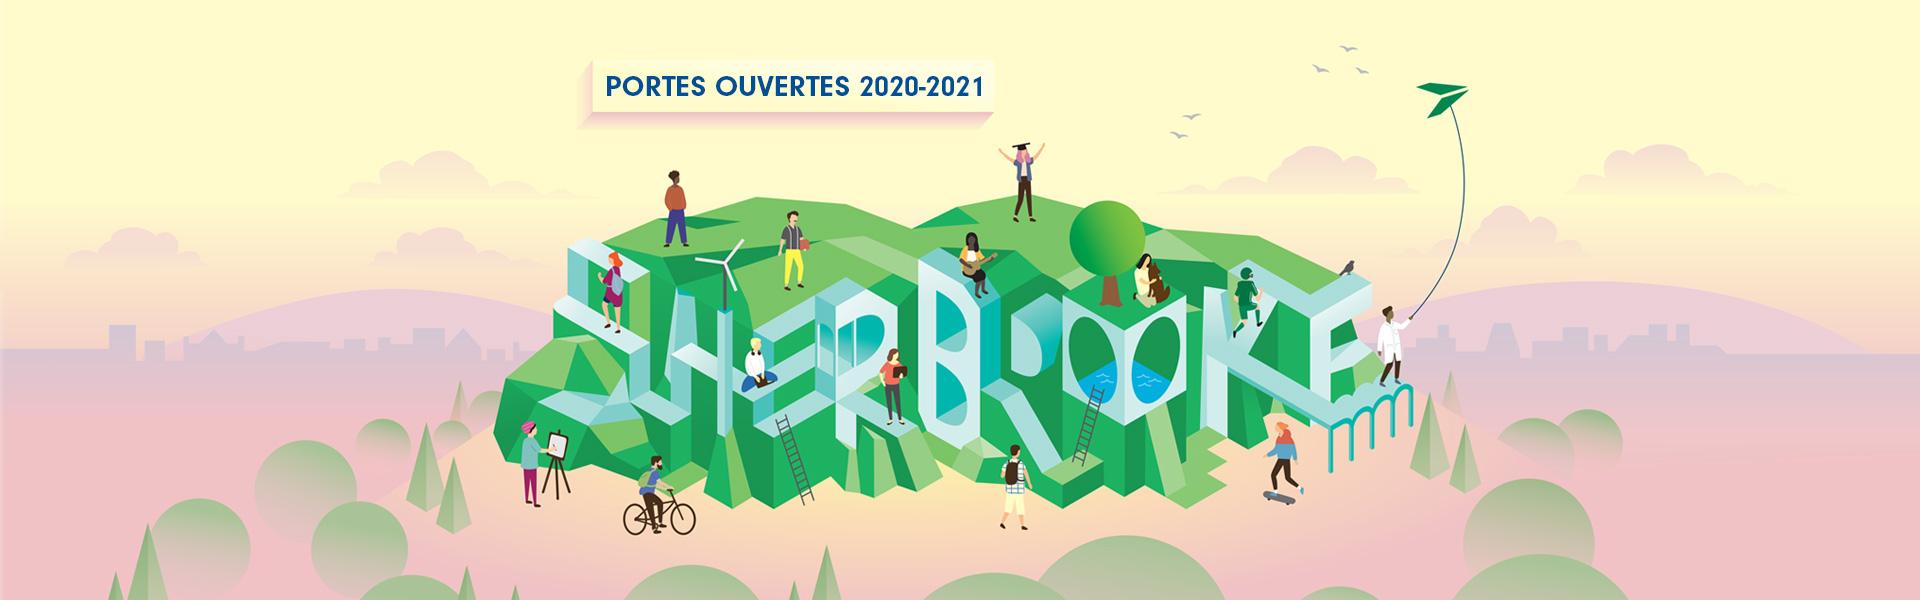 Portes ouvertes 2020-2021 au Cégep de Sherbrooke